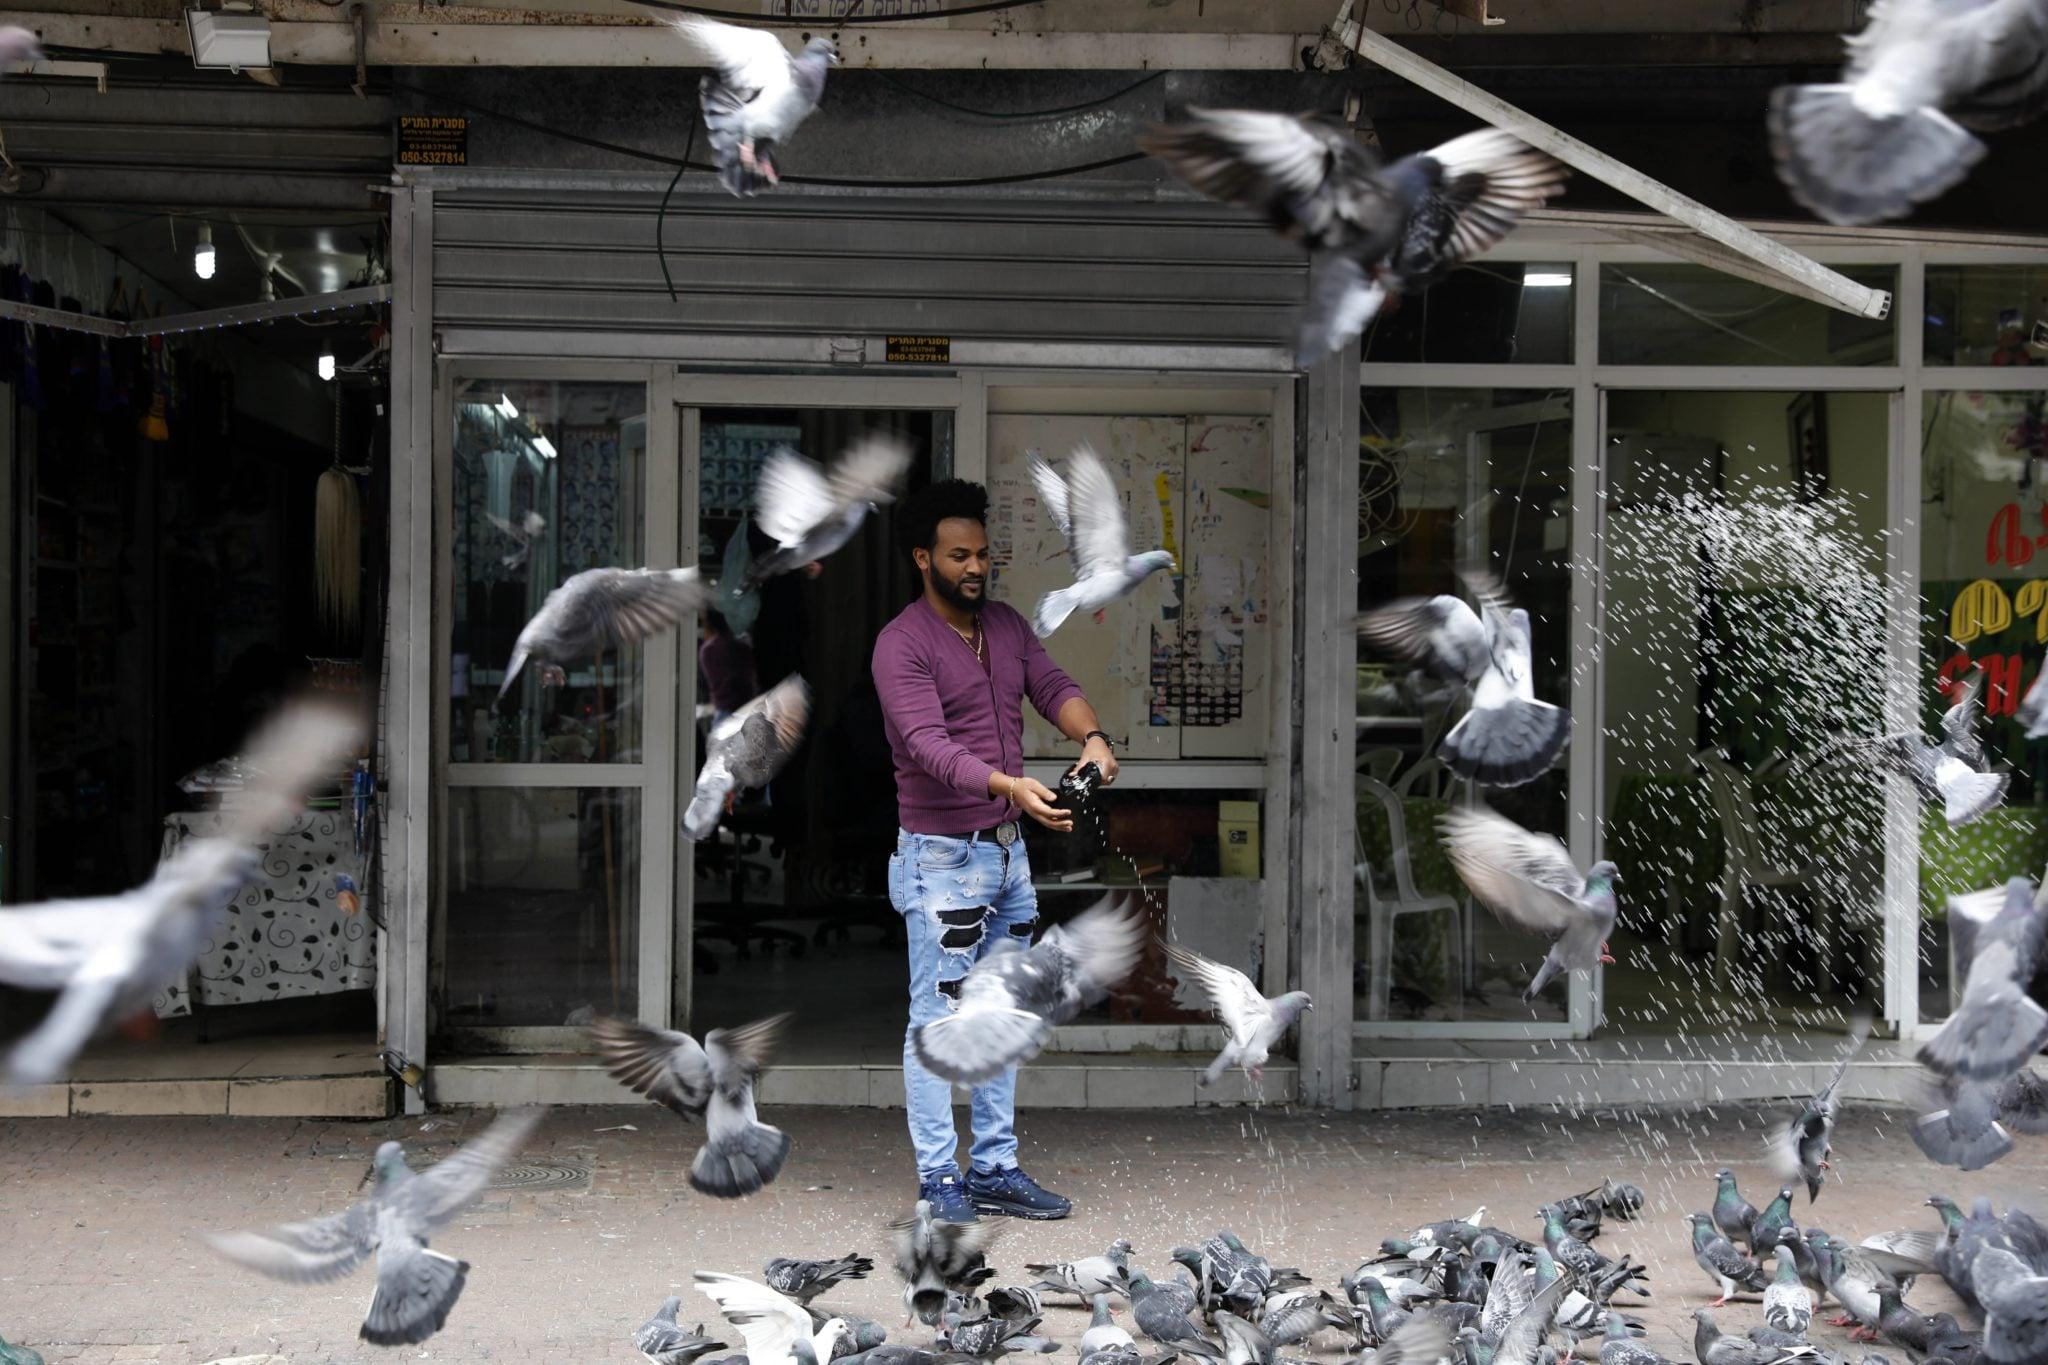 Izrael: afrykńscy migranci w Tel Awiwie / Erytrejski migrant mieszkający w Izraelu to tylko jeden z 38 tysięcy afrykańskich migrantów mieszkających w Izraelu. Izraelskie władze powołał masowy program 'dowolnego odejścia' 'voluntary leave'. by większość z nich wróciło do kraju swojego pochodzenia, otrzymają oni 3,5 tys. dolarów na start. Ci, którzy nie przyjmą tej propozycji trafią do więzienia. fot. Abir Sultan, PAP,EPA